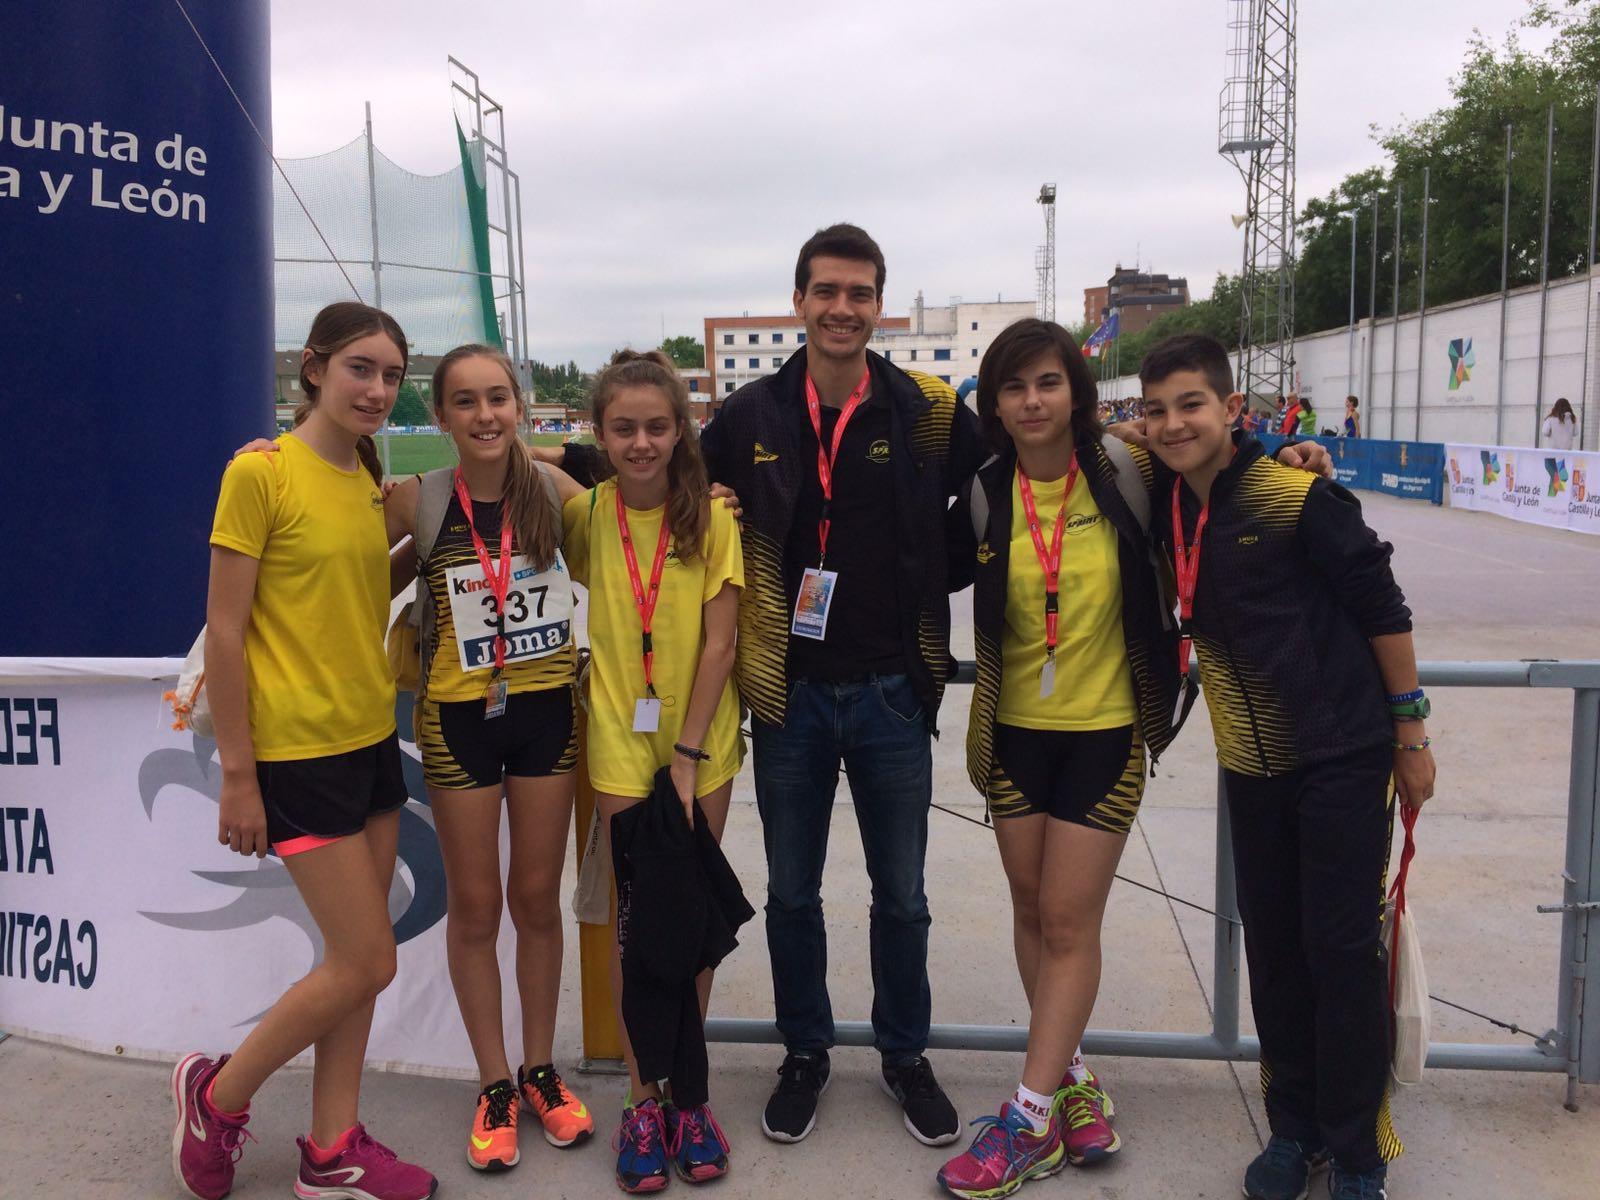 4 Infantiles Sprinteros en el Campeonato de España de Valladolid